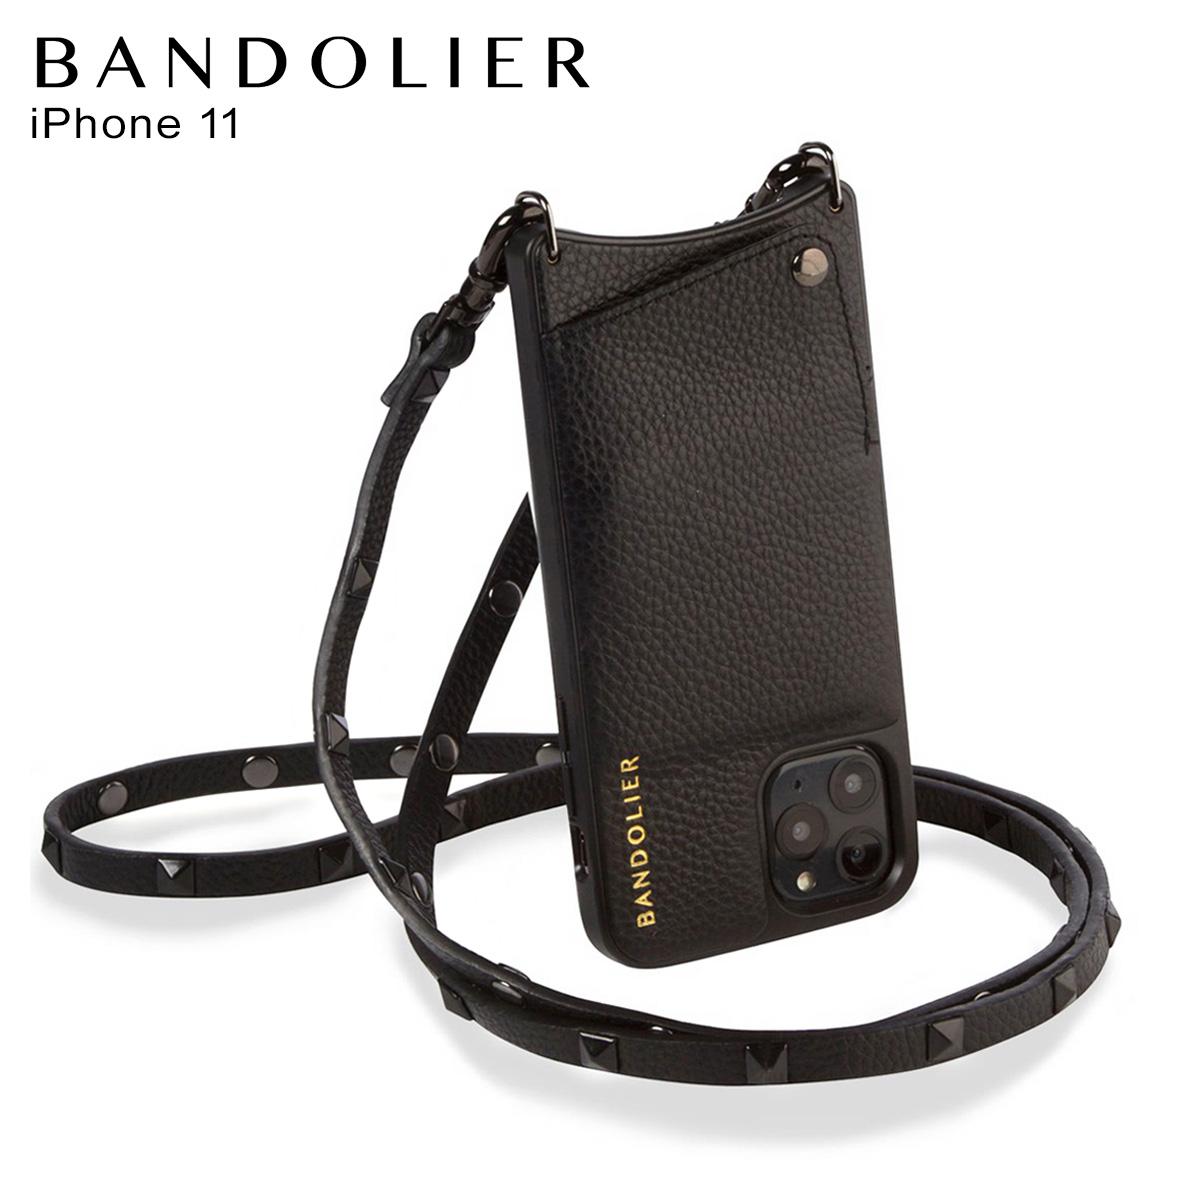 BANDOLIER SARAH BLACK バンドリヤー サラ ブラック iPhone11 ケース スマホ 携帯 ショルダー アイフォン メンズ レディース ブラック 黒 2300